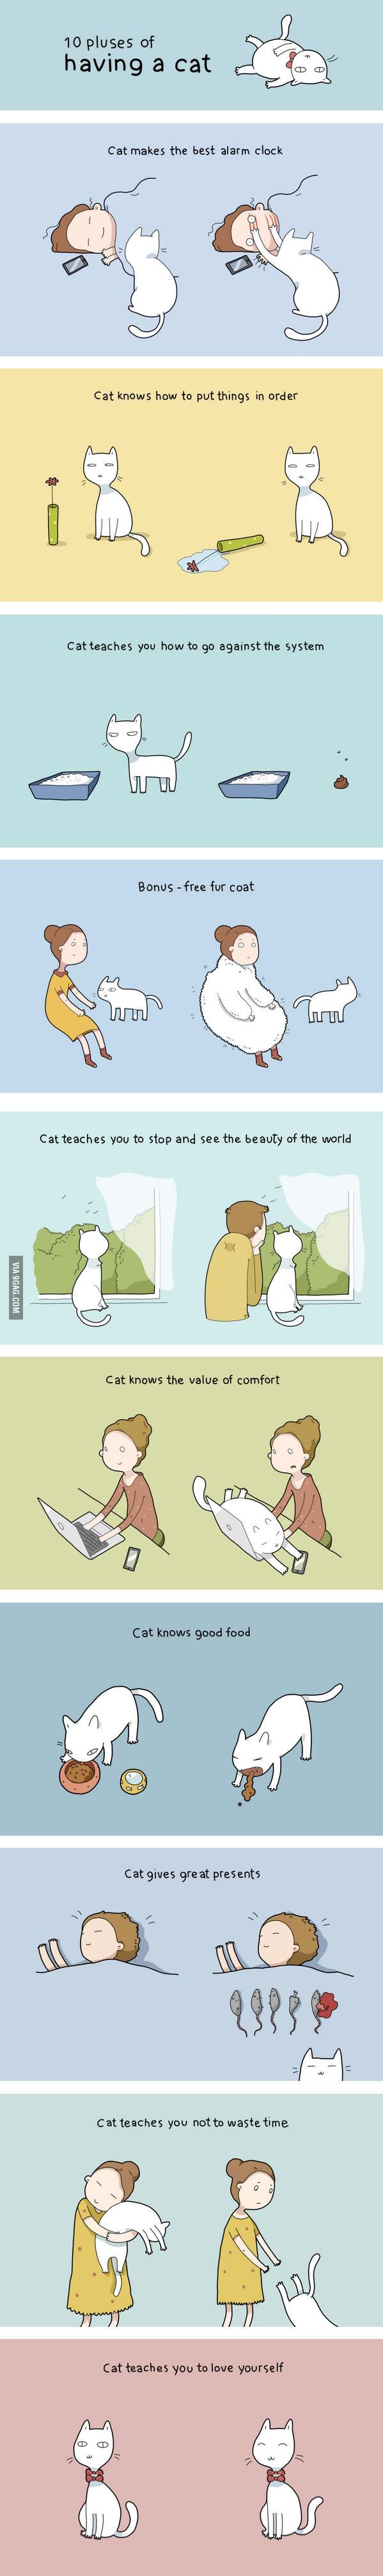 インフォグラフィック:猫が飼い主に起こす10の変化。科学が証明するペットの癒し効果